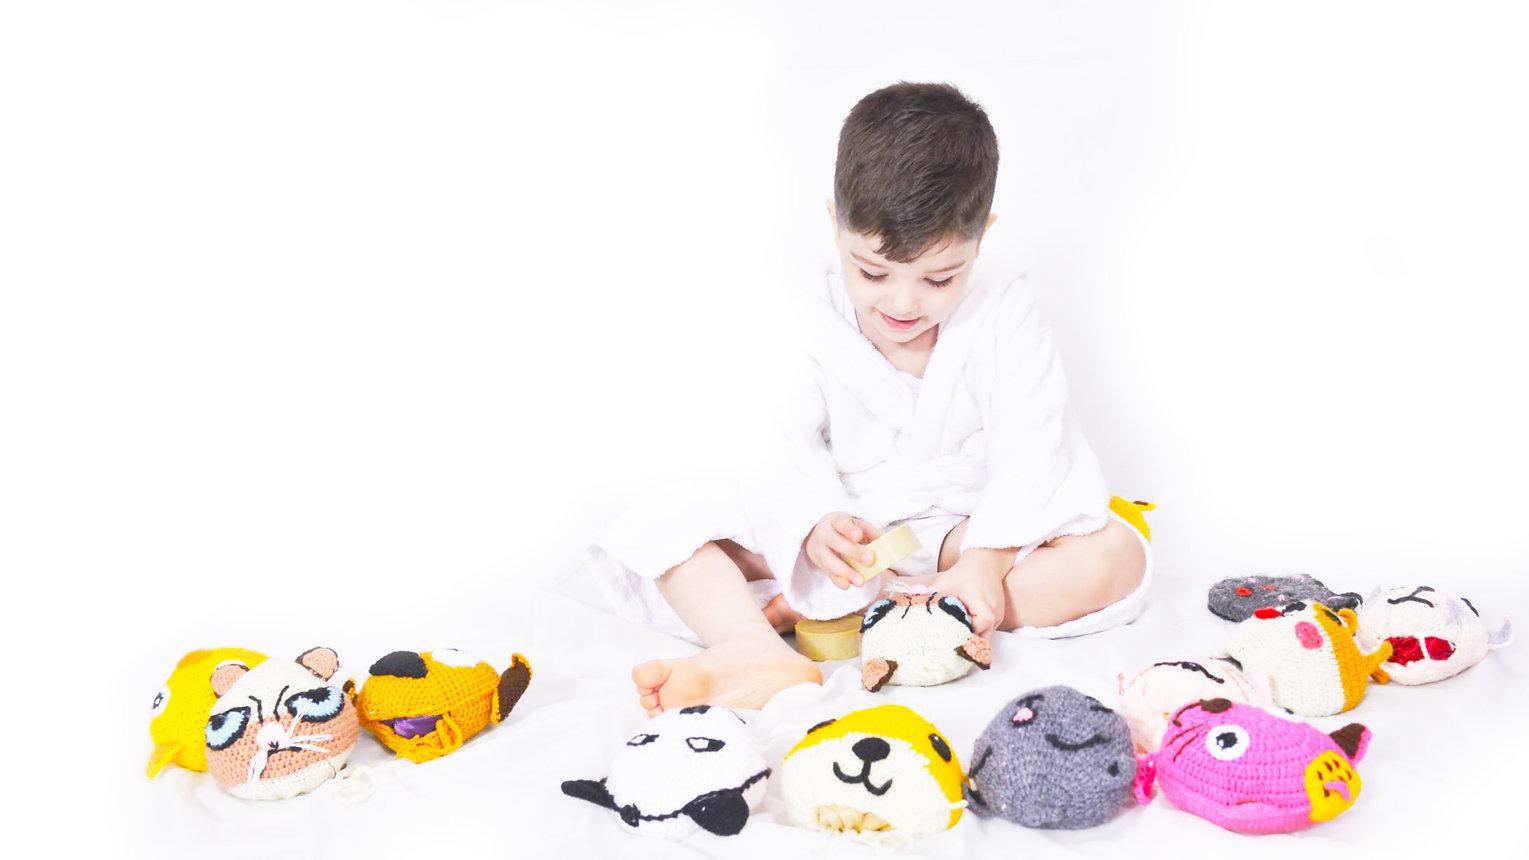 children photos (4)-4.jpg